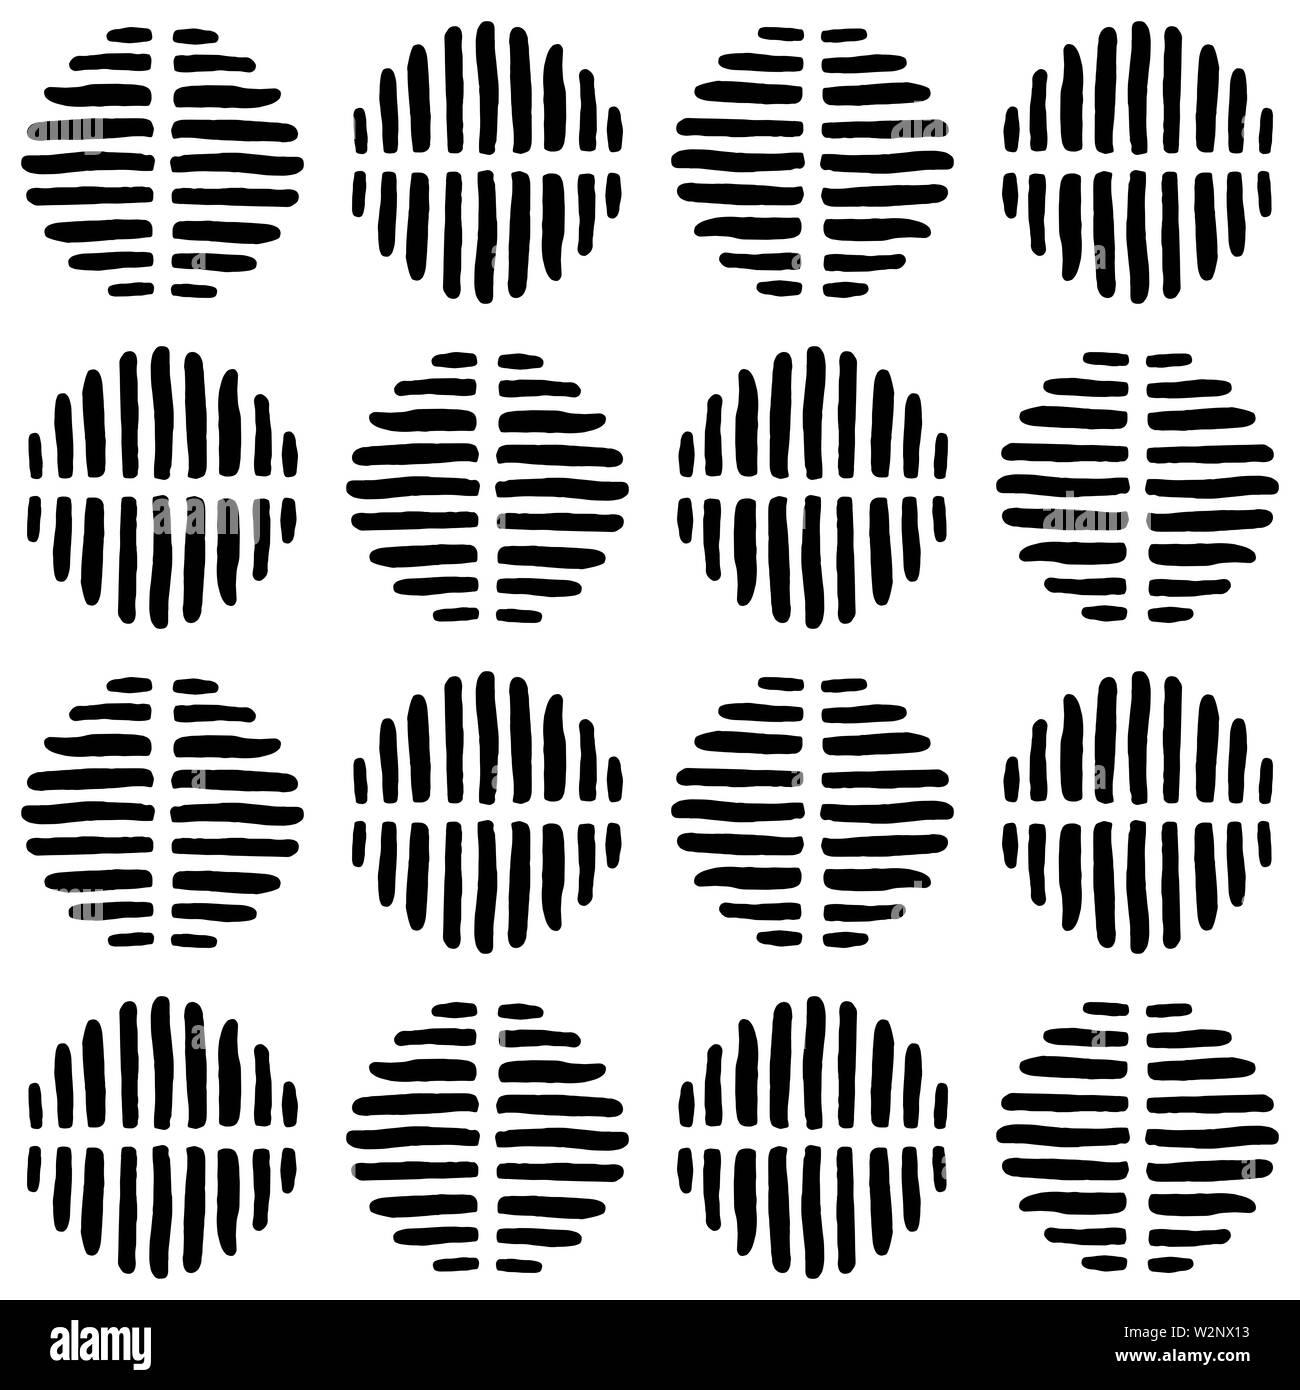 Eine abstrakte Gestreifte spots Muster, erstellt von Hand gezeichnet Formen. Stockbild